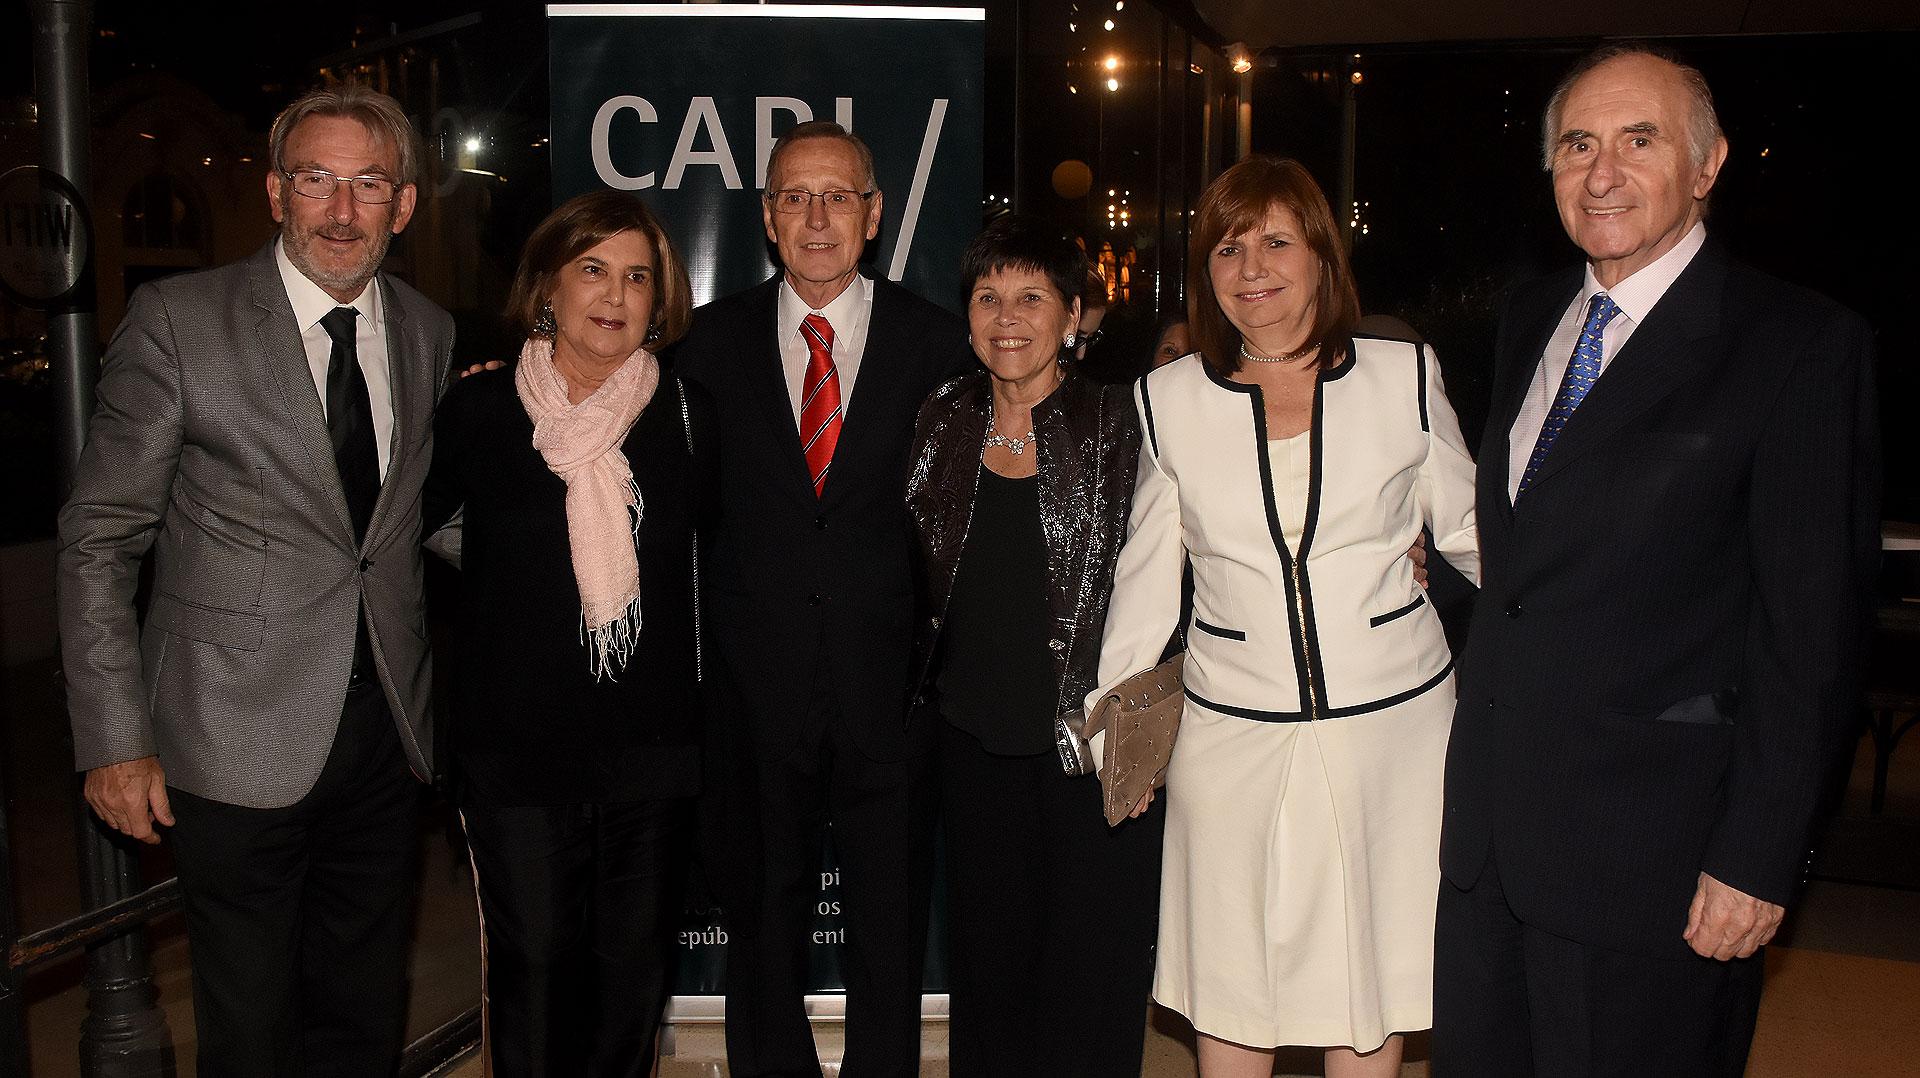 Guillermo Yanco, Inés Pertiné, Adalberto Rodríguez Giavarini, Susana Pestana, Patricia Bullrich y Fernando De la Rúa